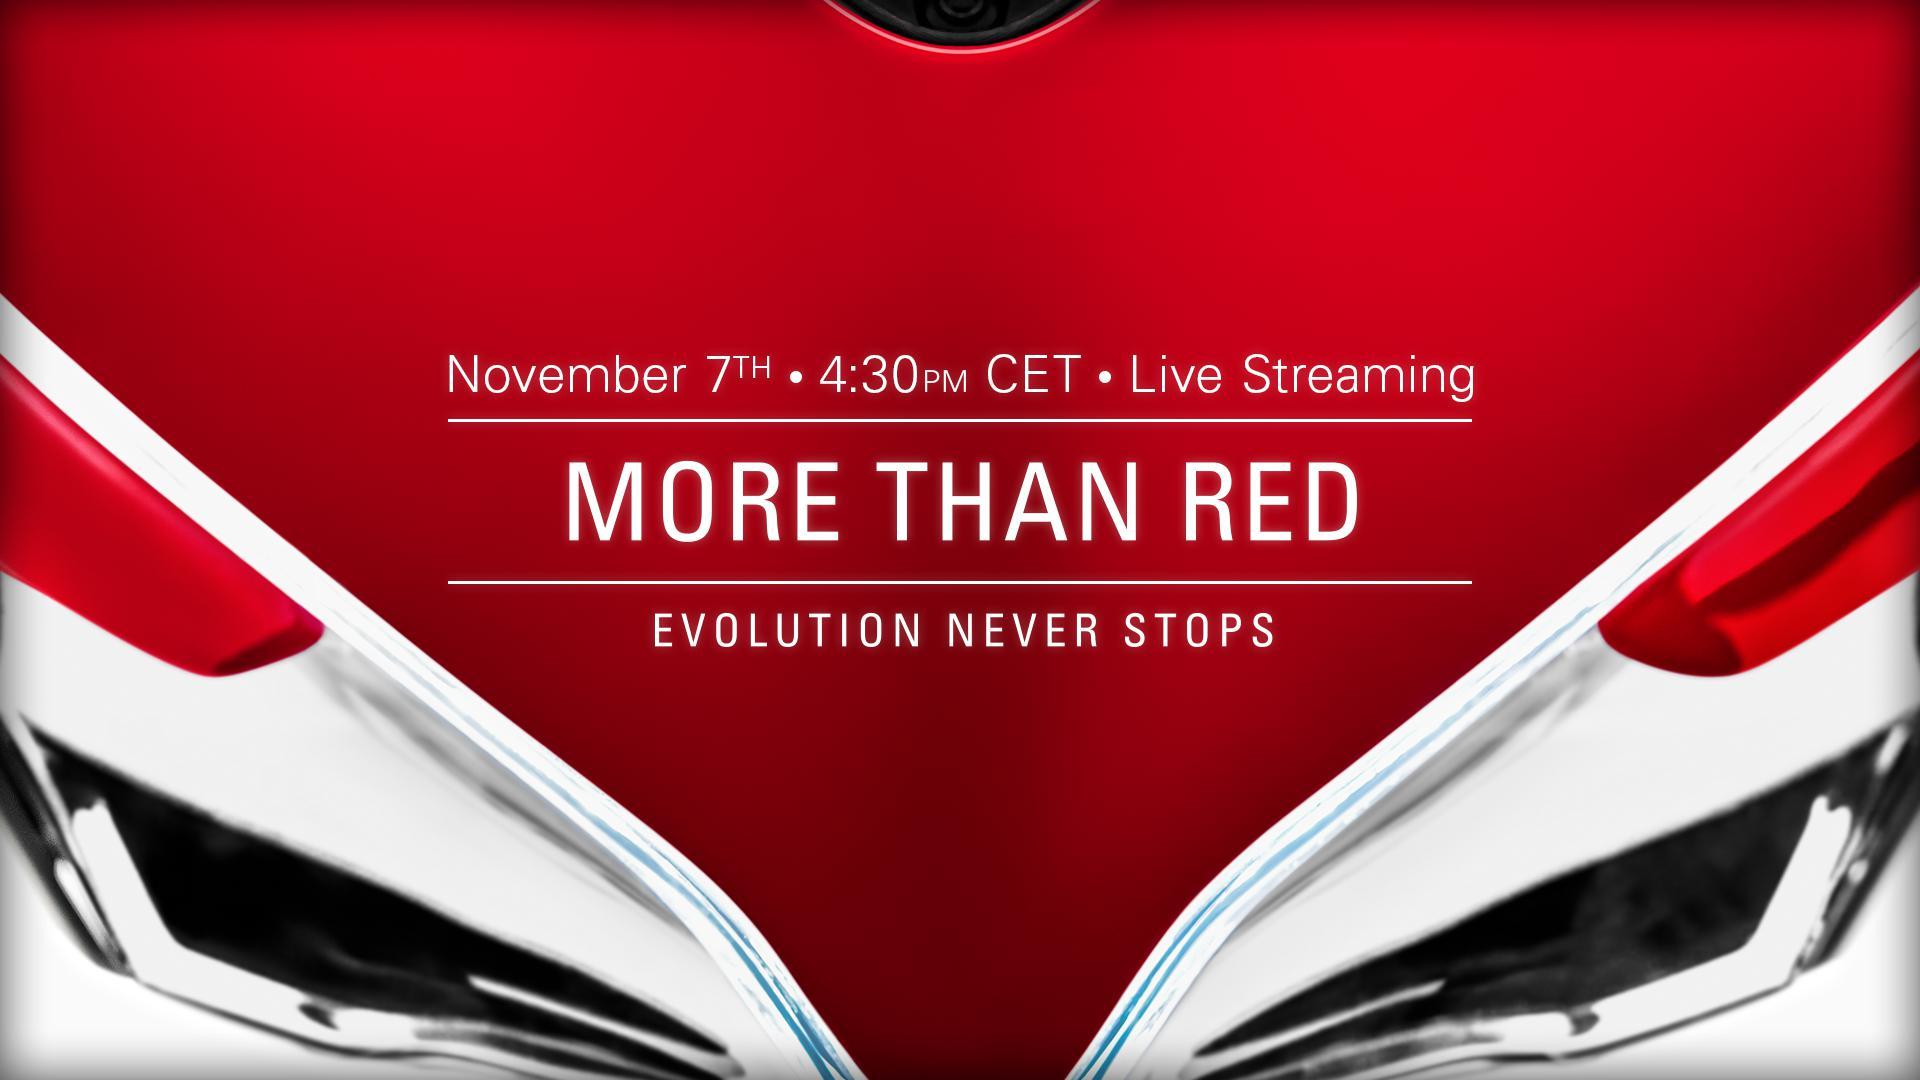 Sigue la presentación de Ducati en directo